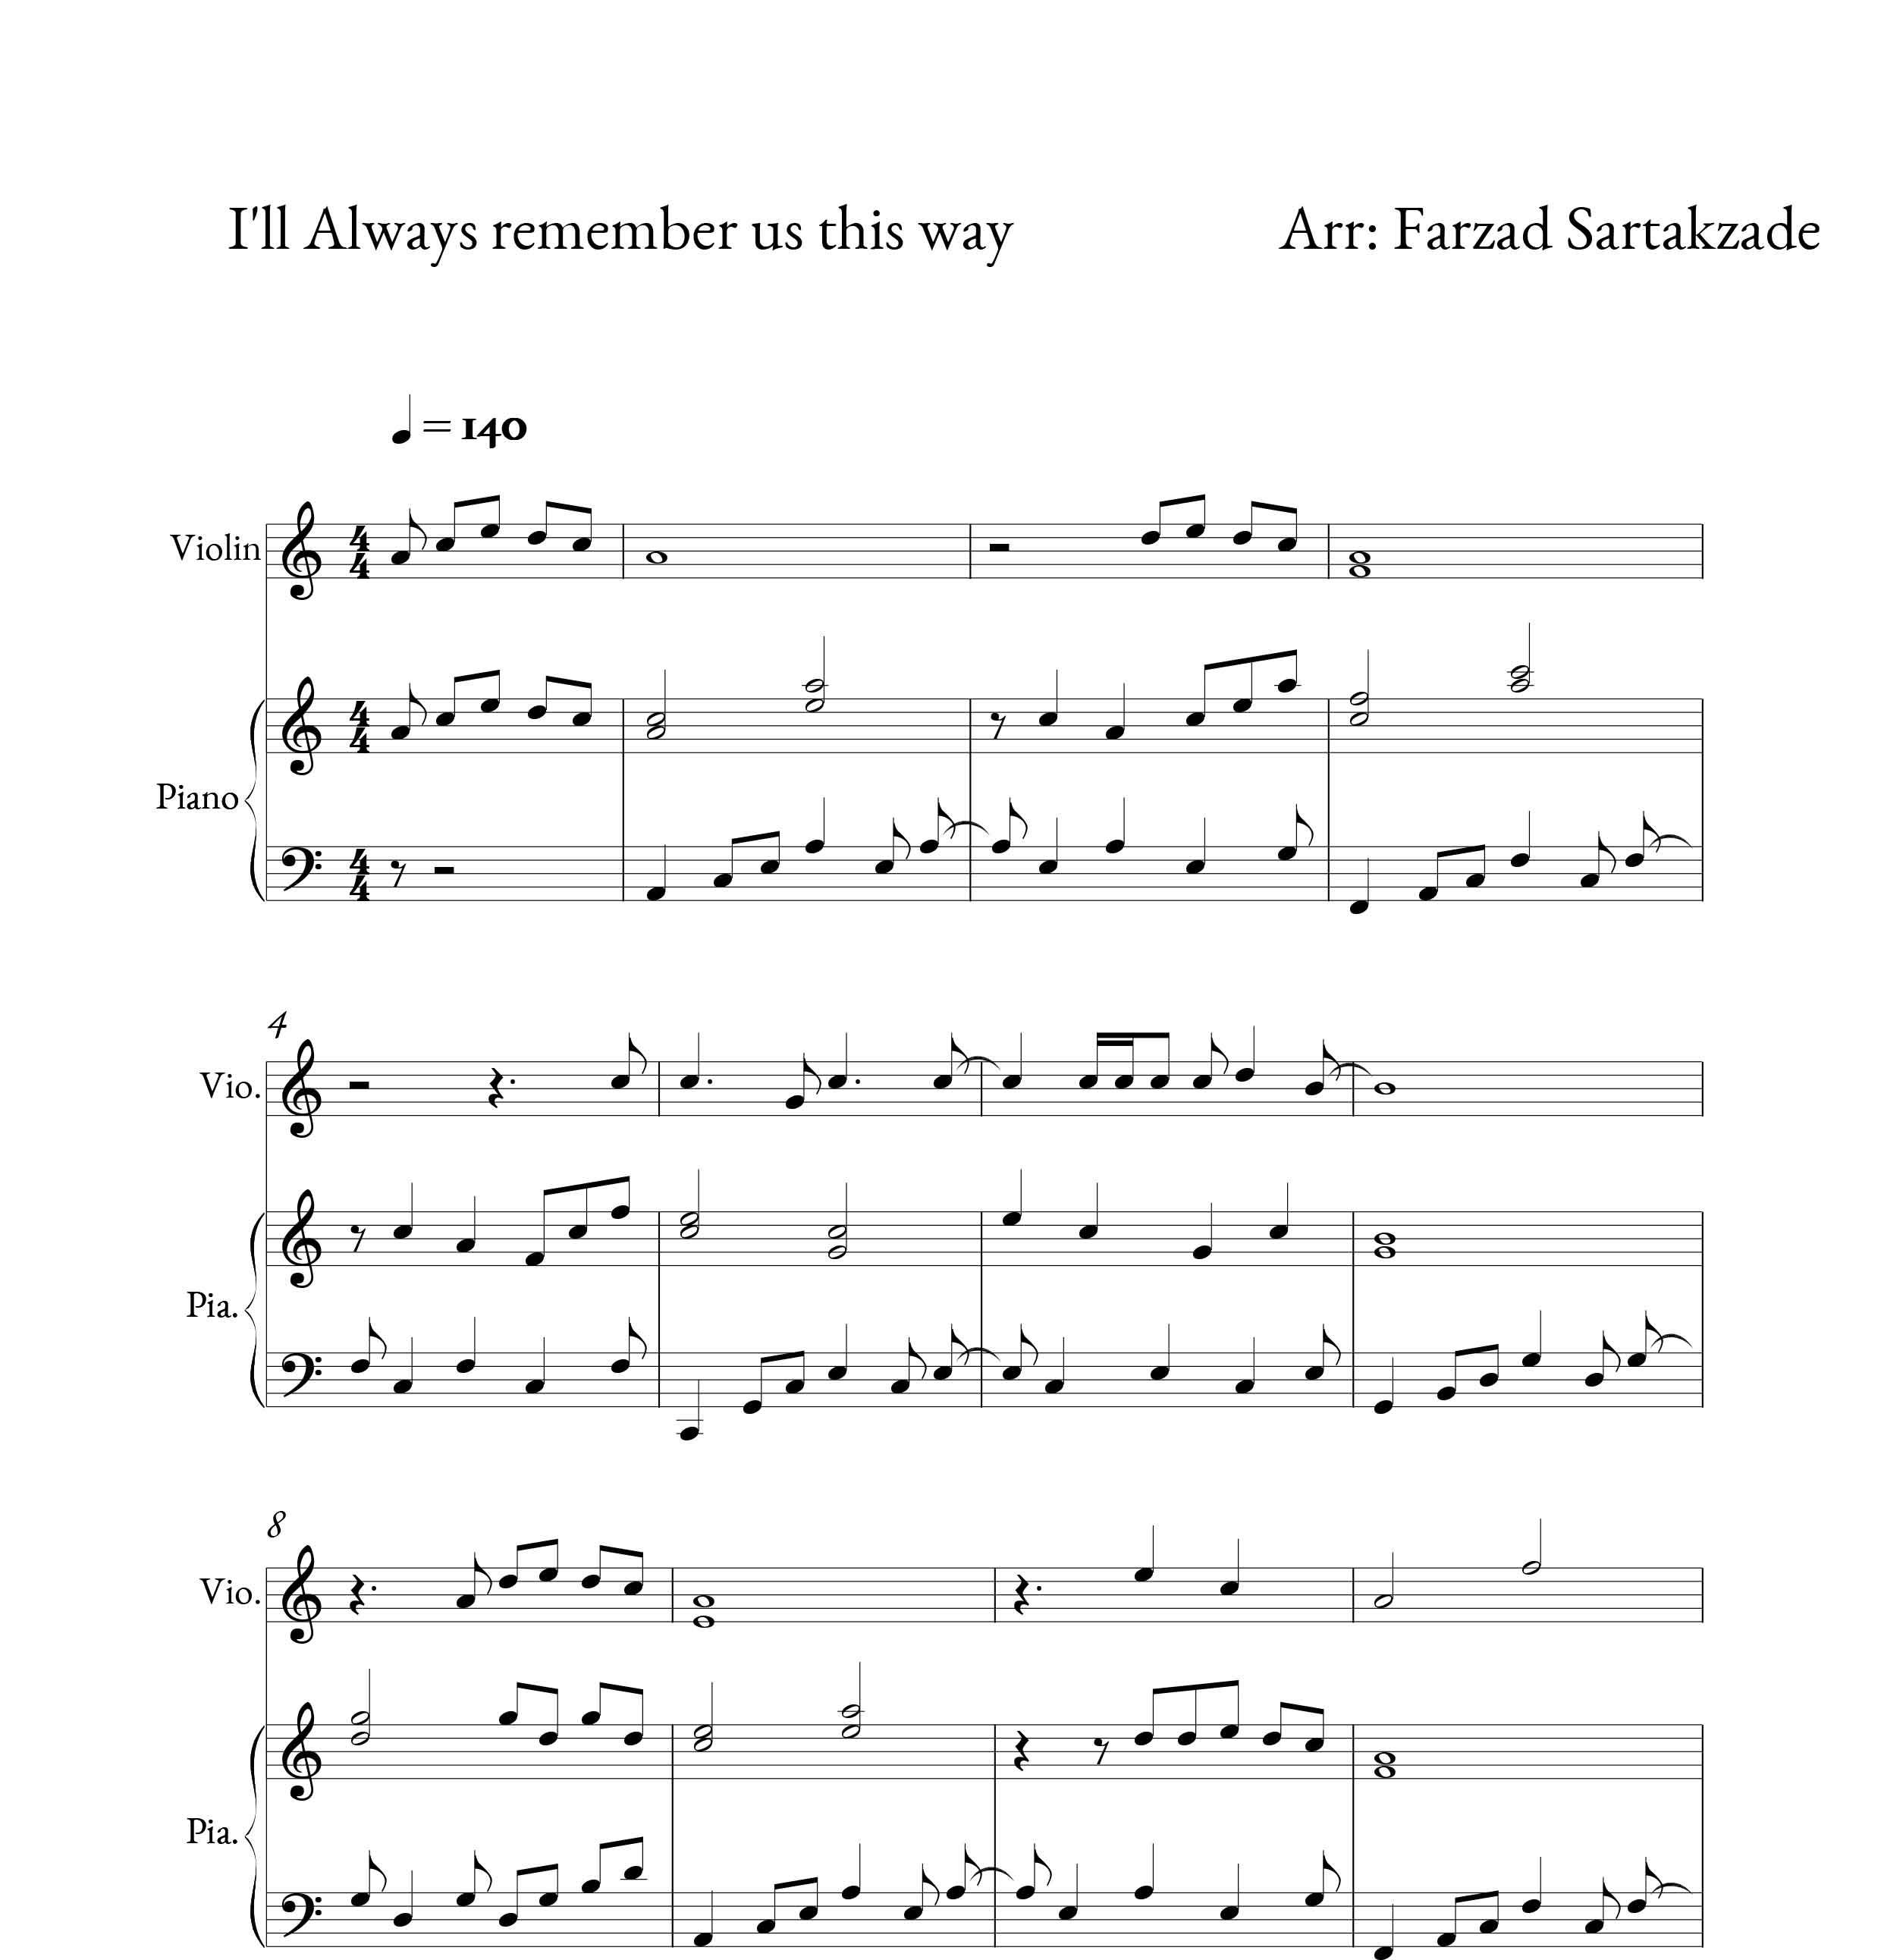 نت دوئت پیانو و ویولن آهنگ Allways remember us this way از لیدی گاگا